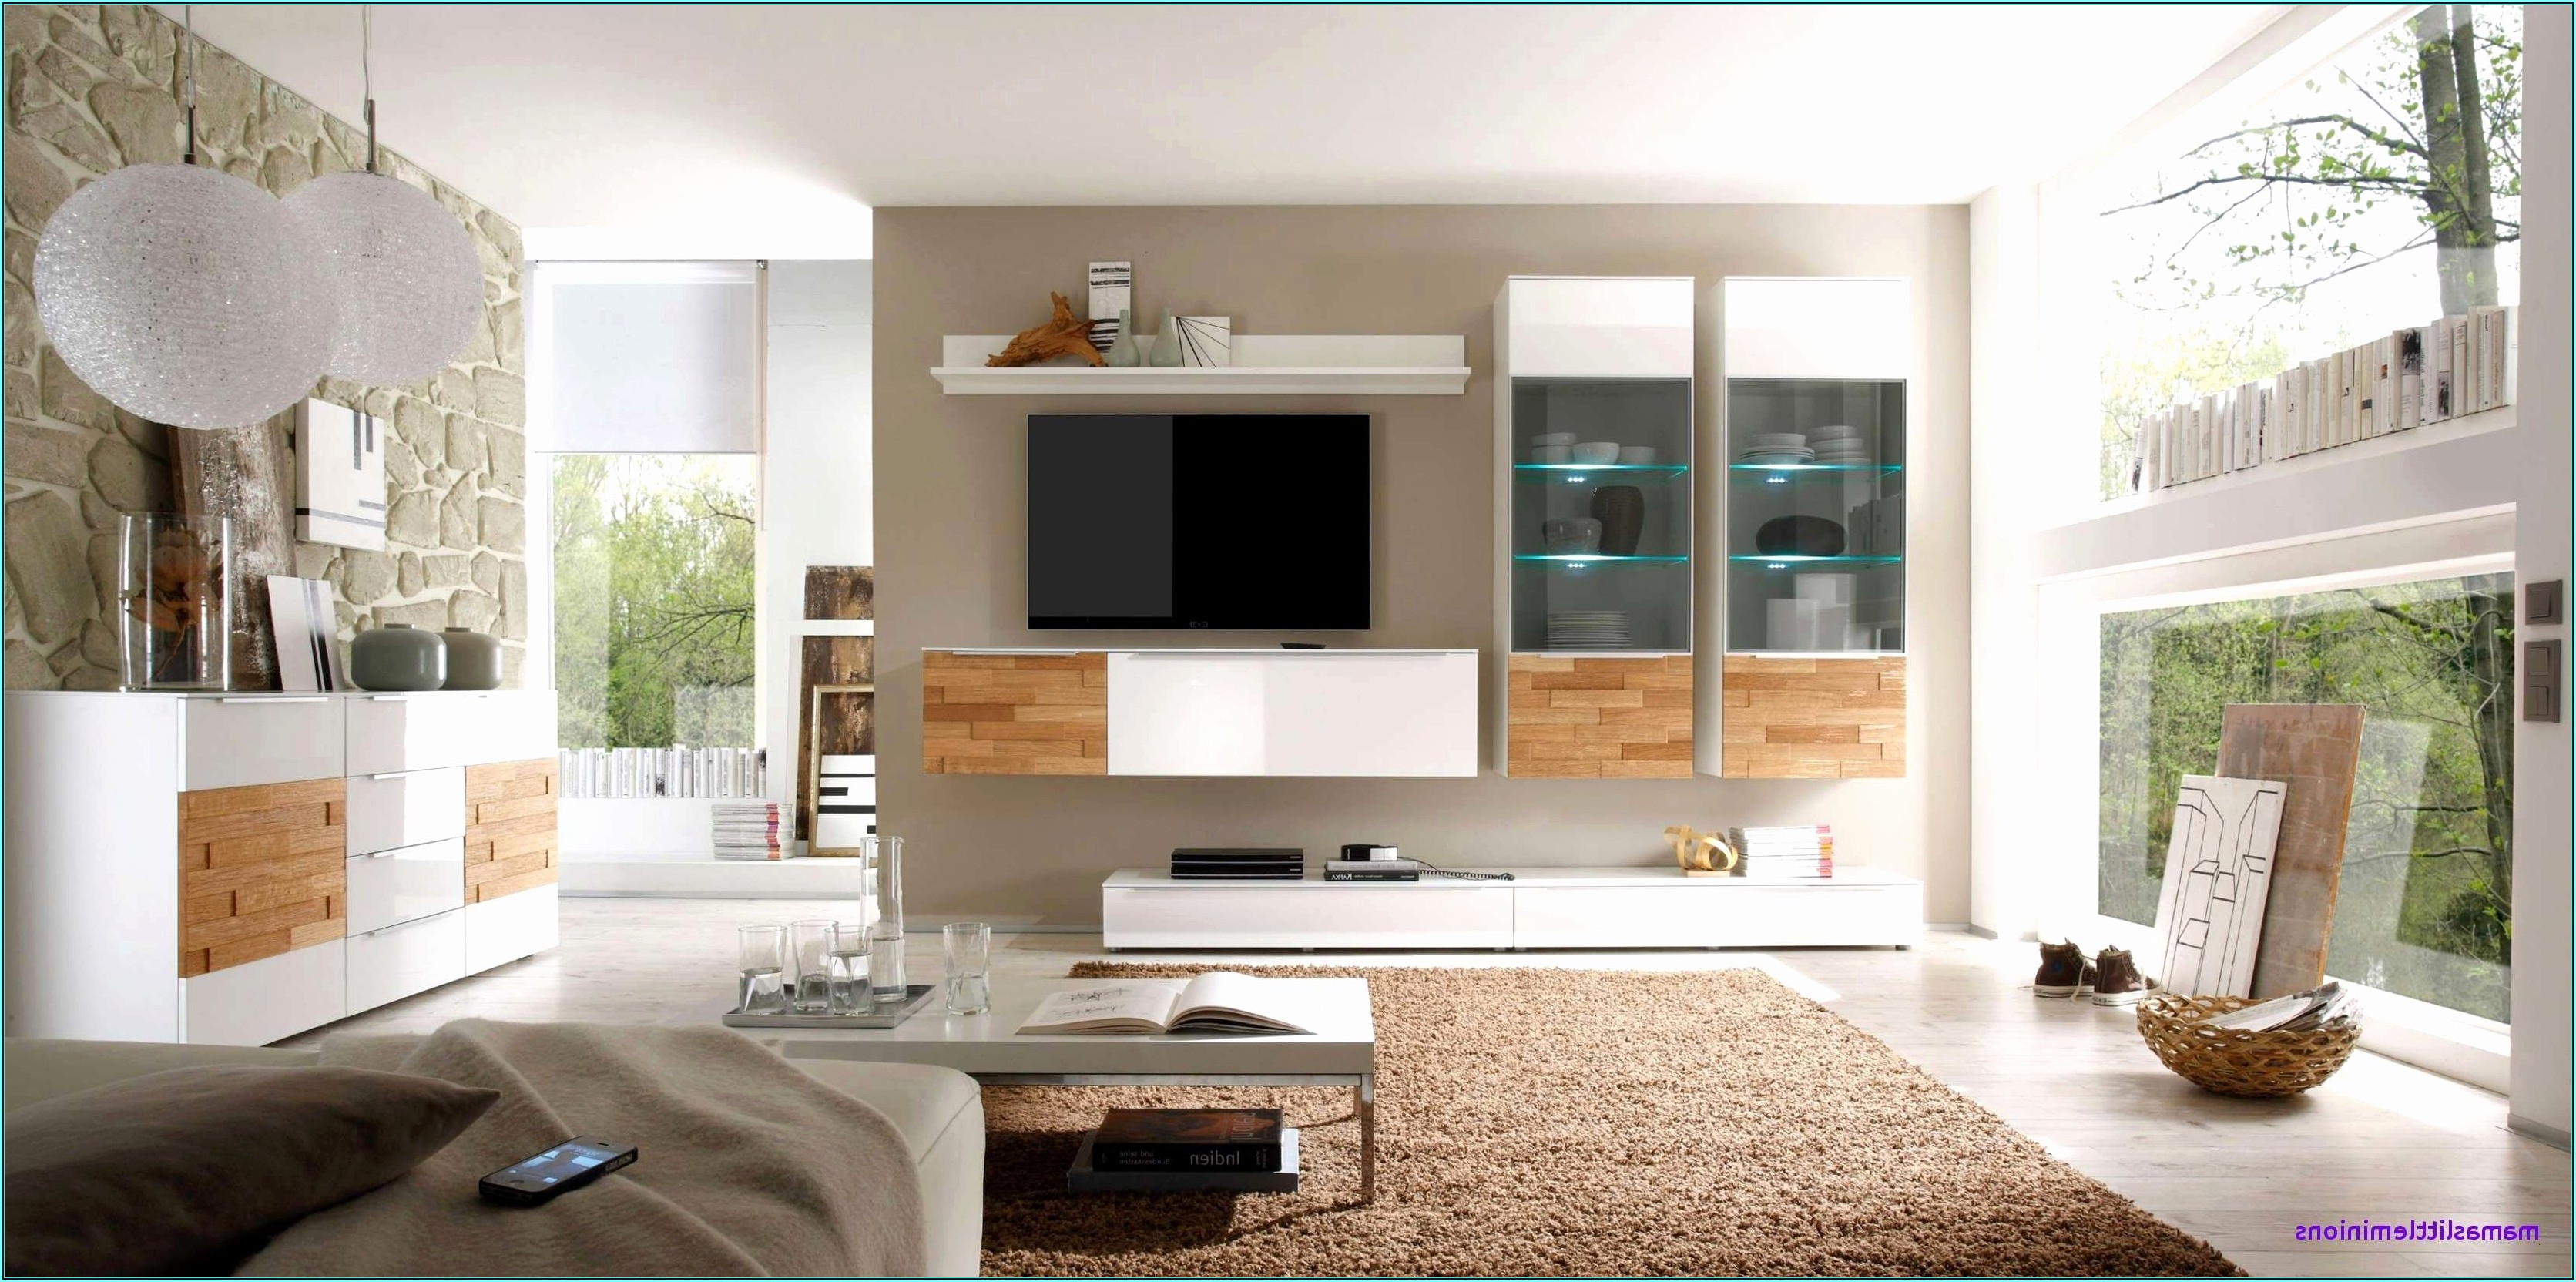 Wandfarben Ideen Wohnzimmer Streifen